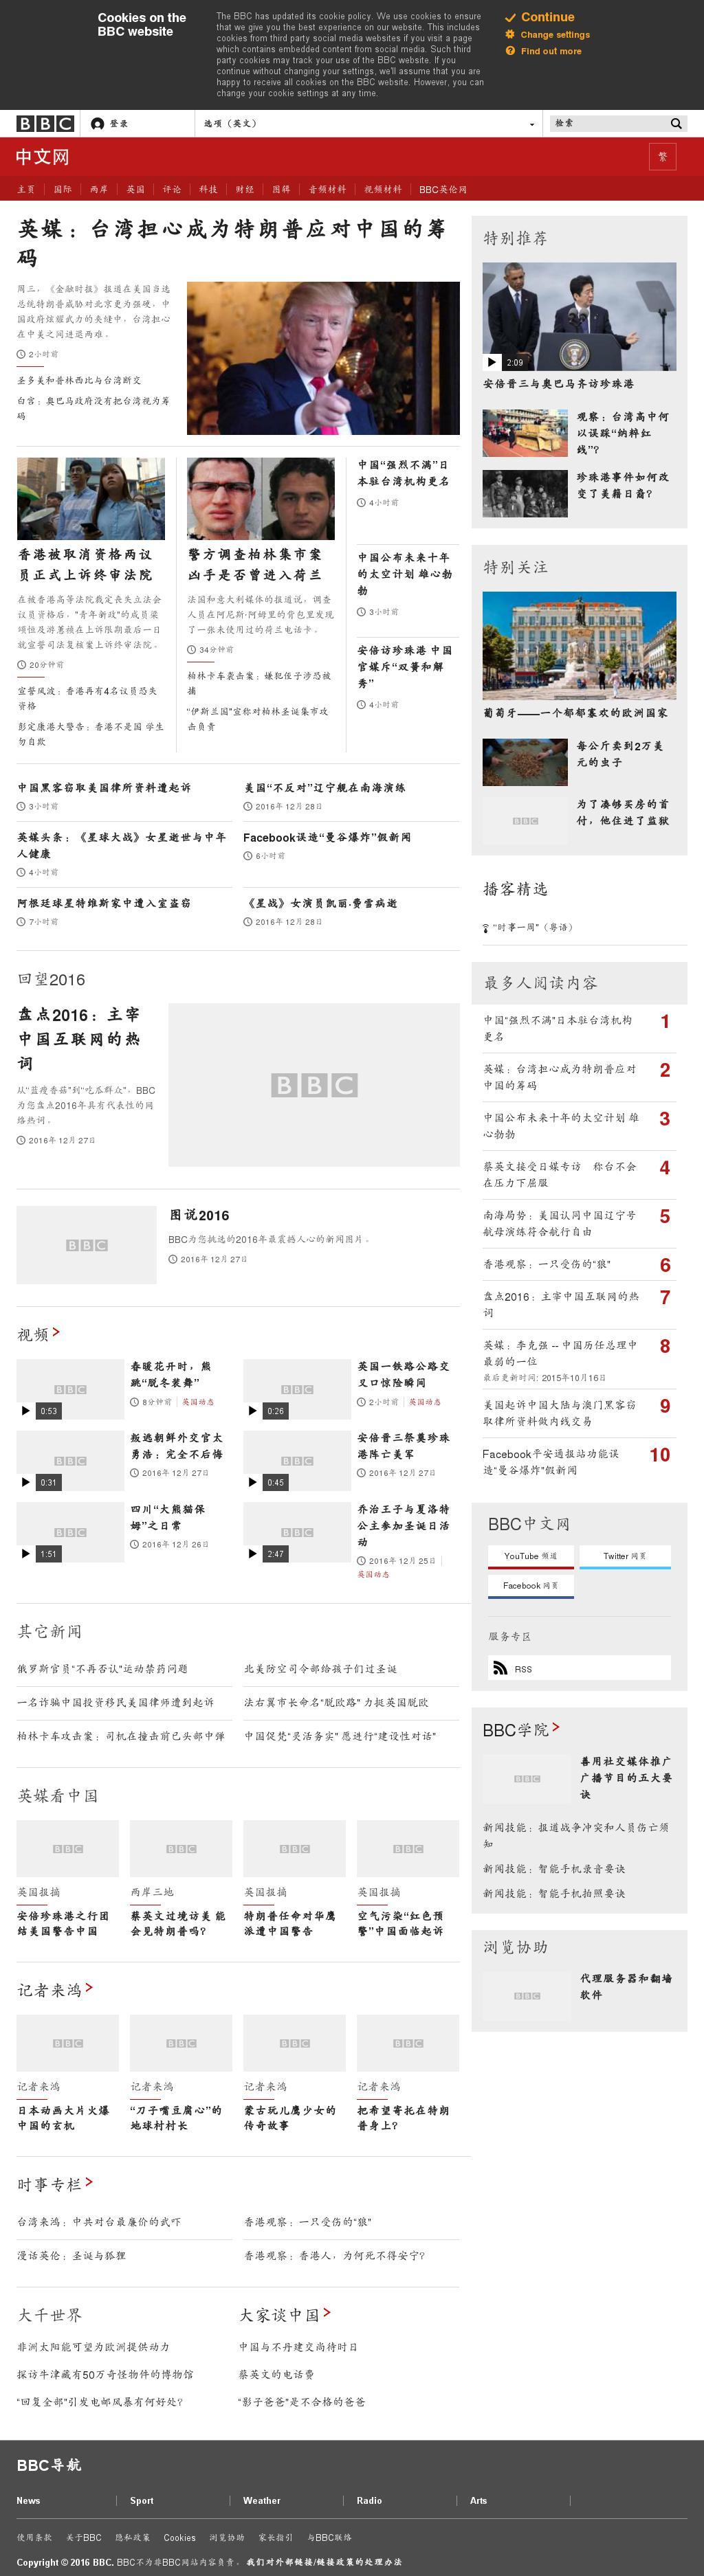 BBC (Chinese) at Wednesday Dec. 28, 2016, 3 p.m. UTC